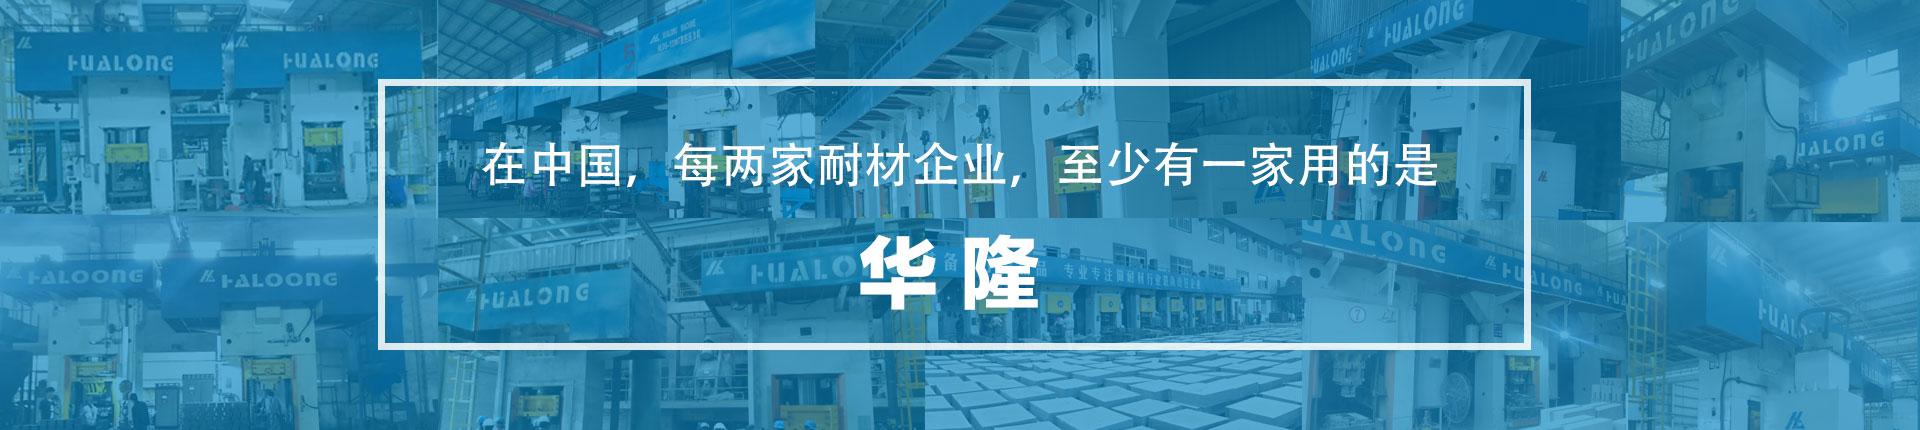 在中国每两家耐材企业就